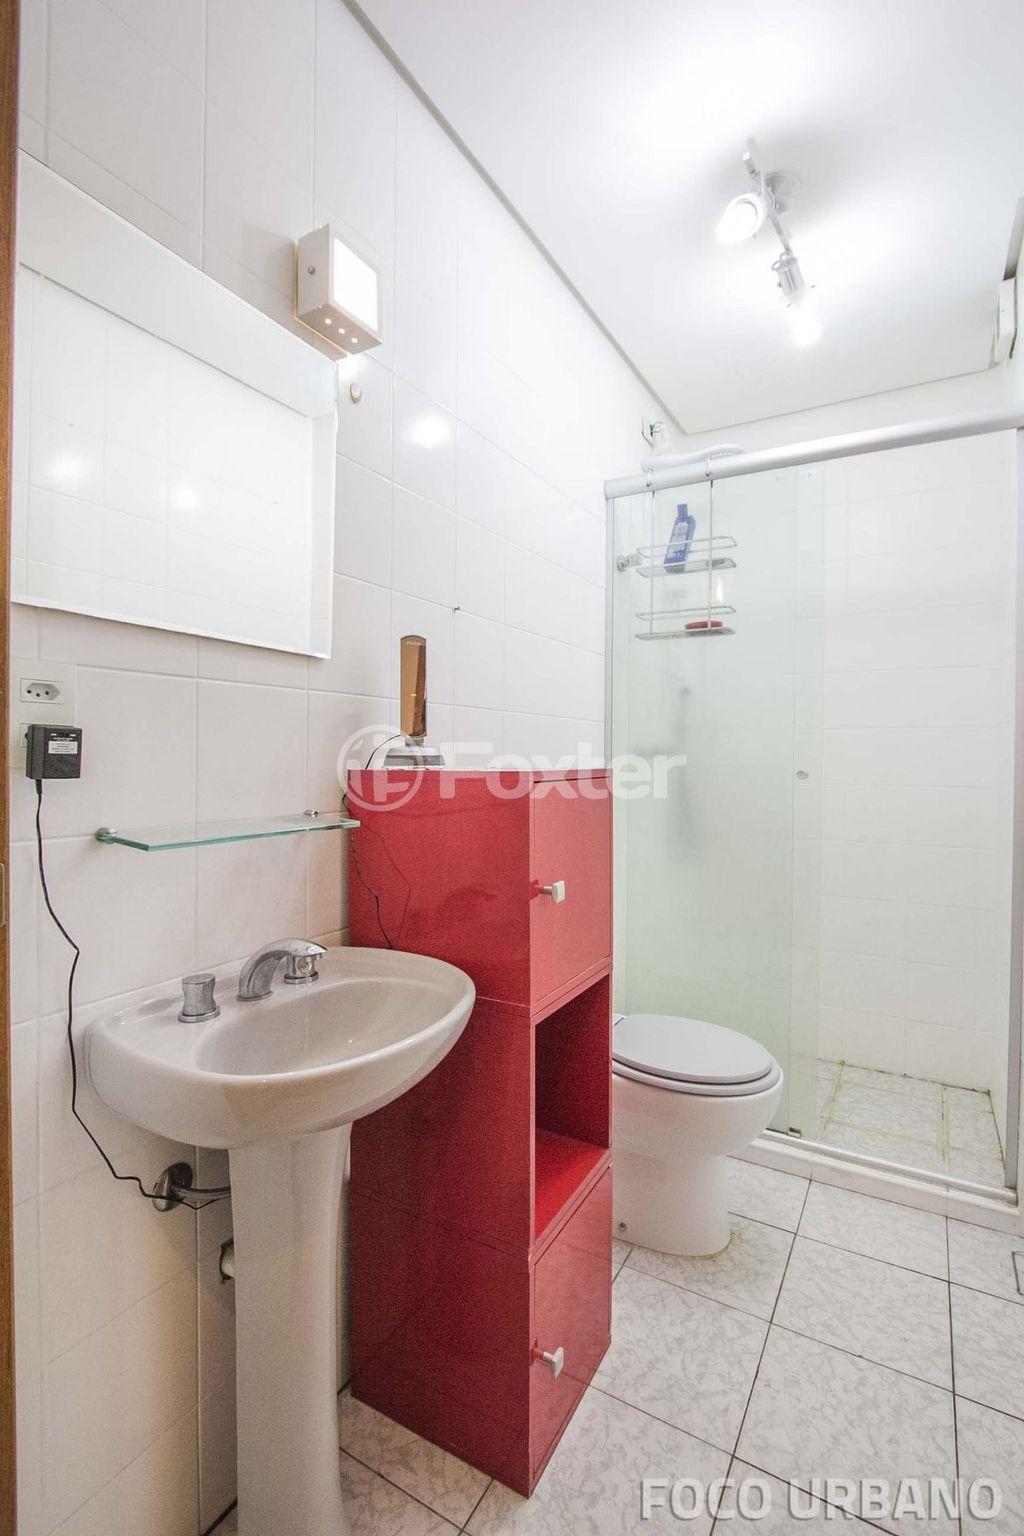 Cobertura 3 Dorm, Cavalhada, Porto Alegre (140150) - Foto 13